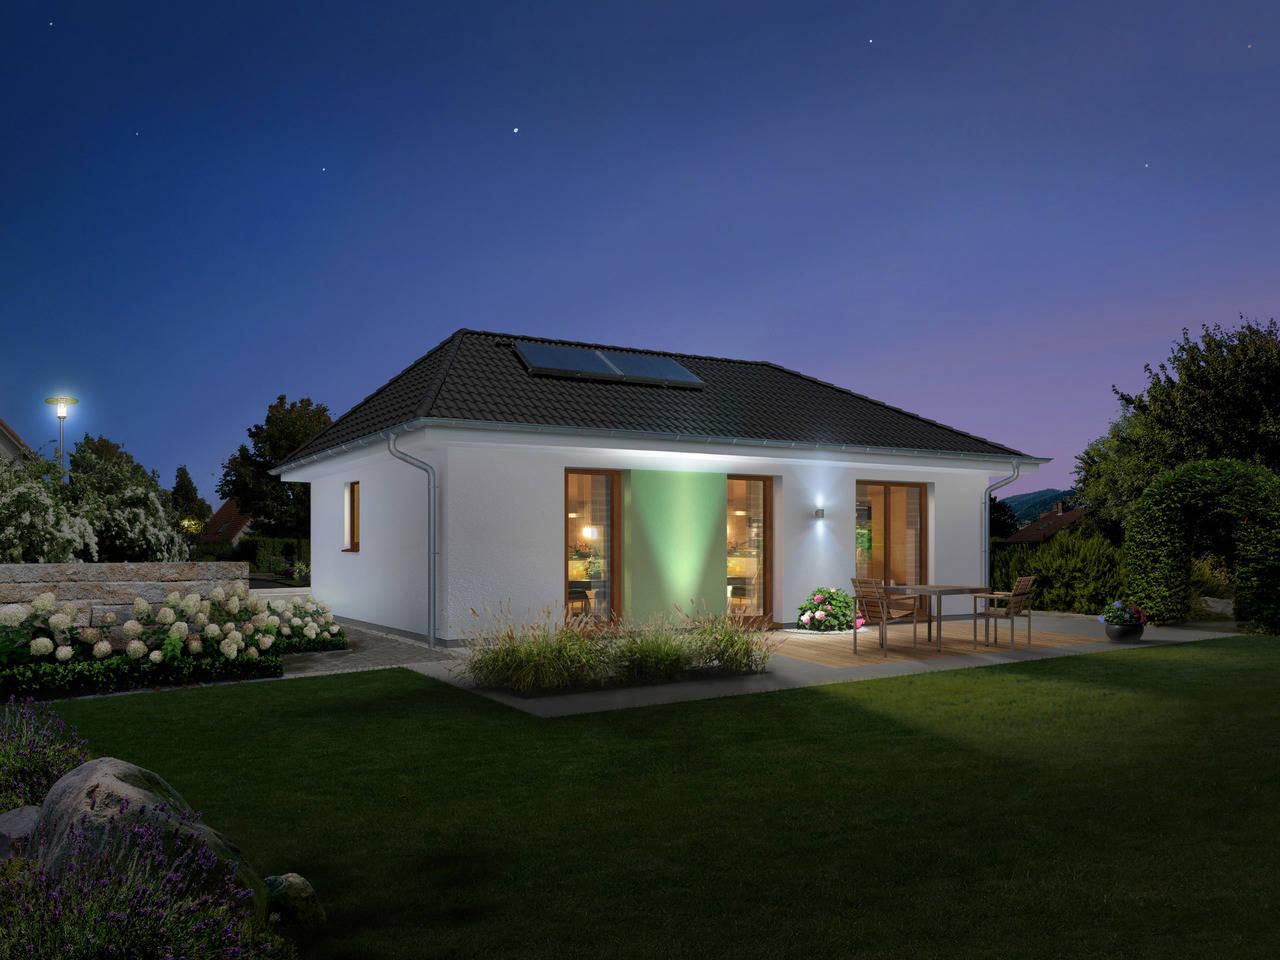 Bungalow 78 bei Nacht von Bauprojektierung Meyer - Town & Country